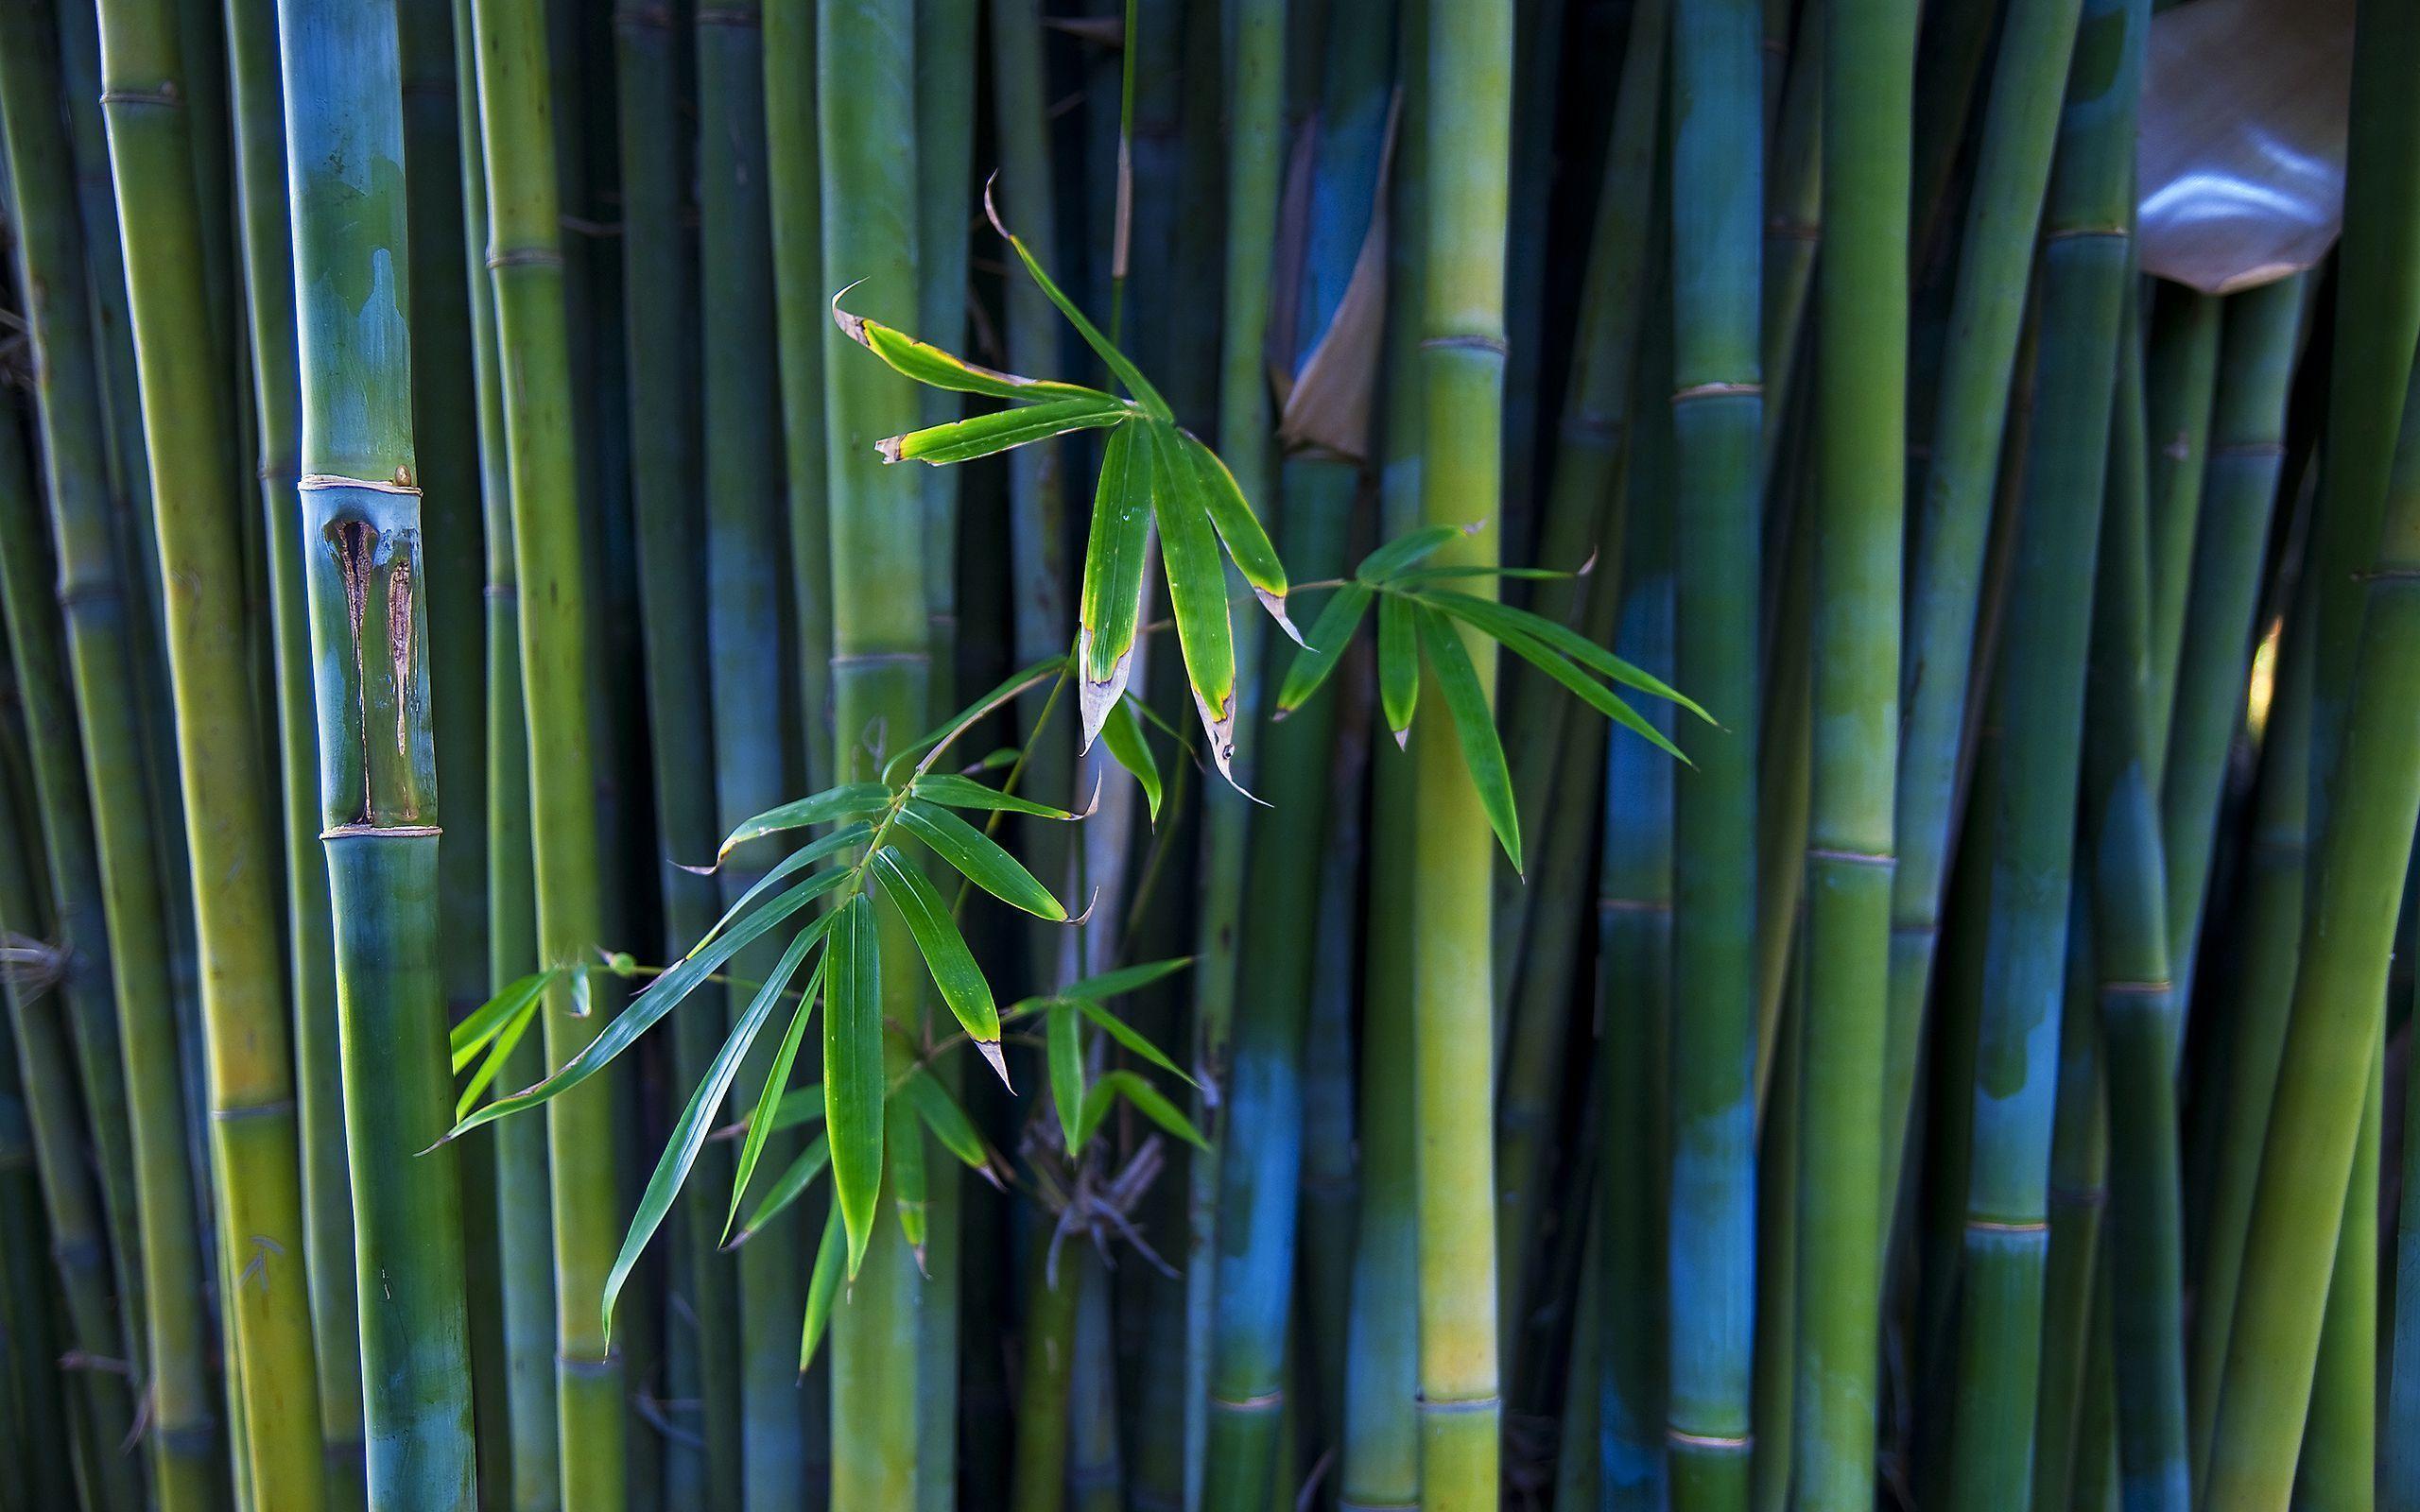 bamboo background nineteen photo - photo #38